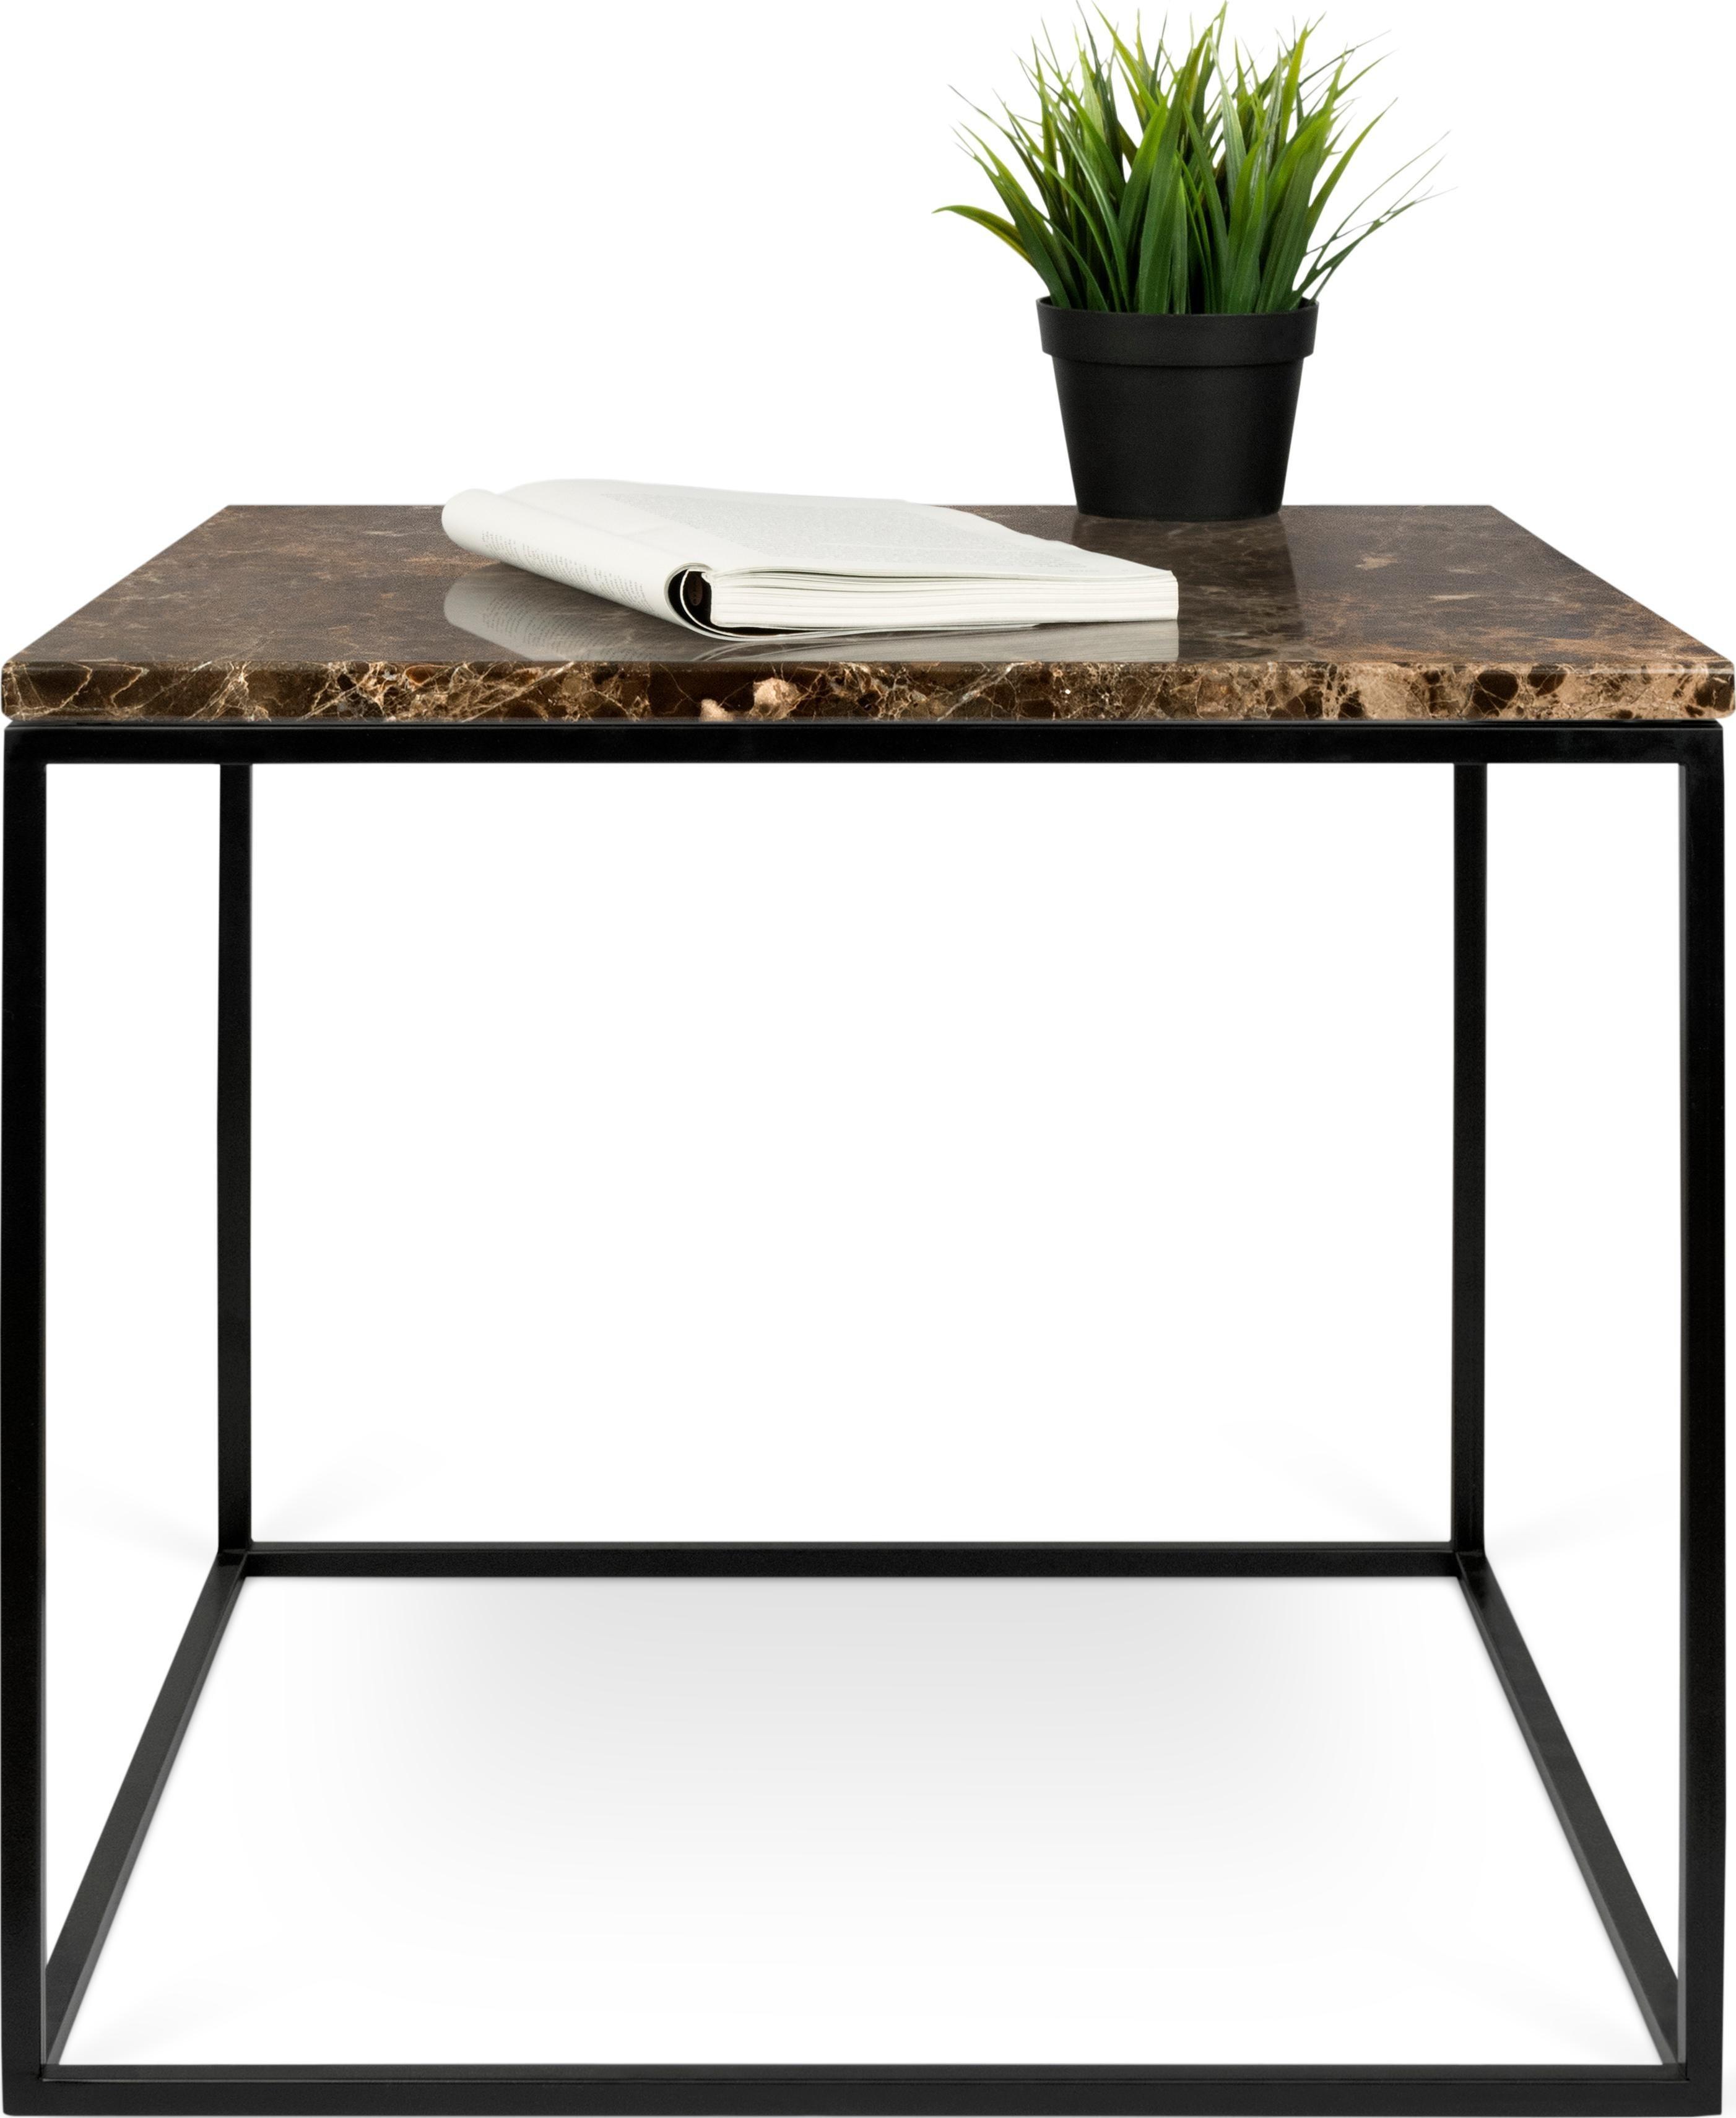 Couchtisch »Gleam« der Marke INOSIGN, mit Mamorplatte und schwarzem Metallgestell, Breite 50 cm | Wohnzimmer > Tische > Couchtische | INOSIGN